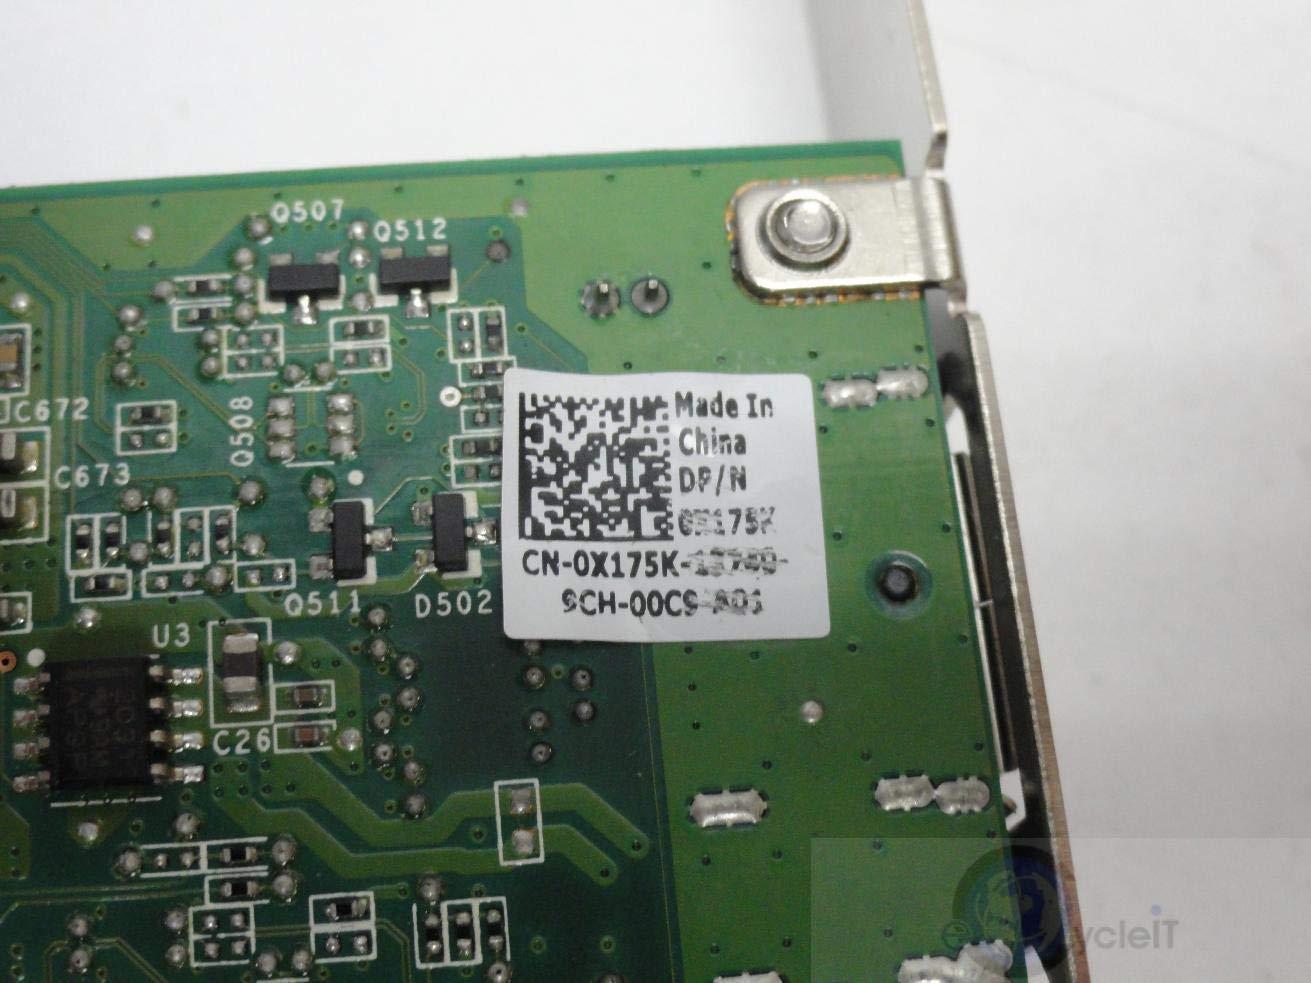 X175K Dell 256mb Nvidia Quadro Nvs 295 Gddr3 Pcie X16 Dvi Oem